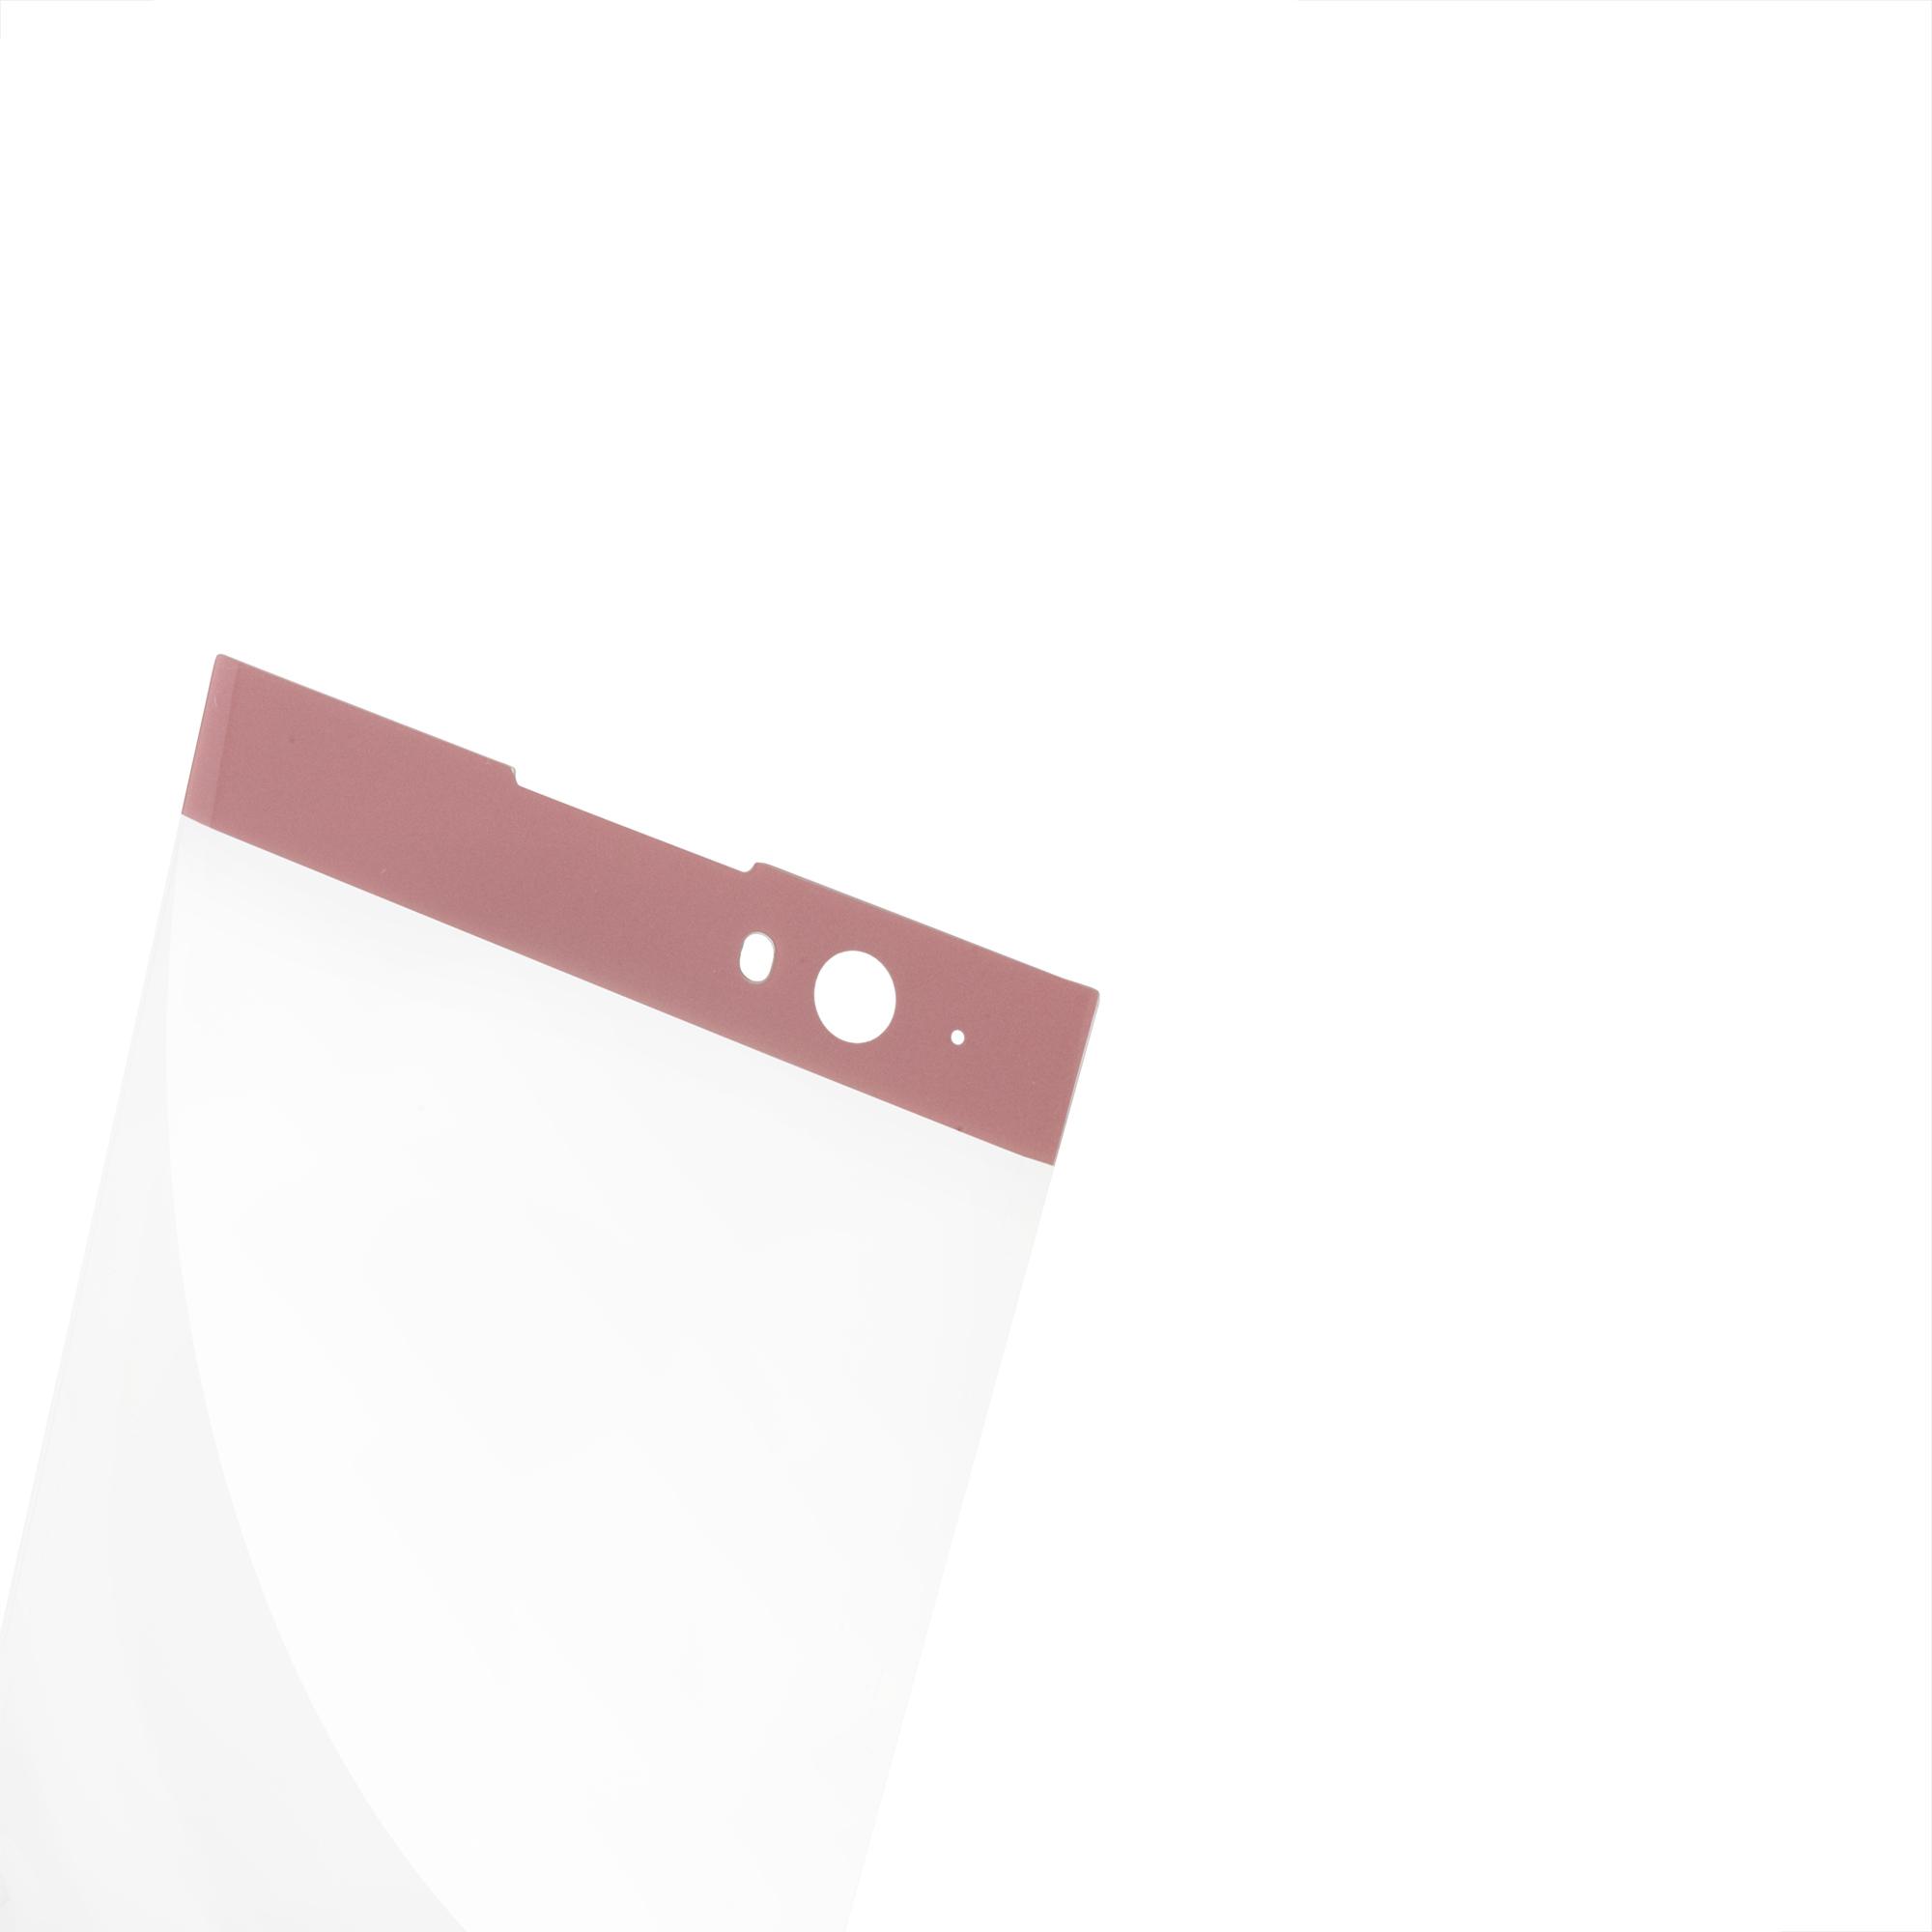 Защитное стекло для Xperia XA2 розового цвета